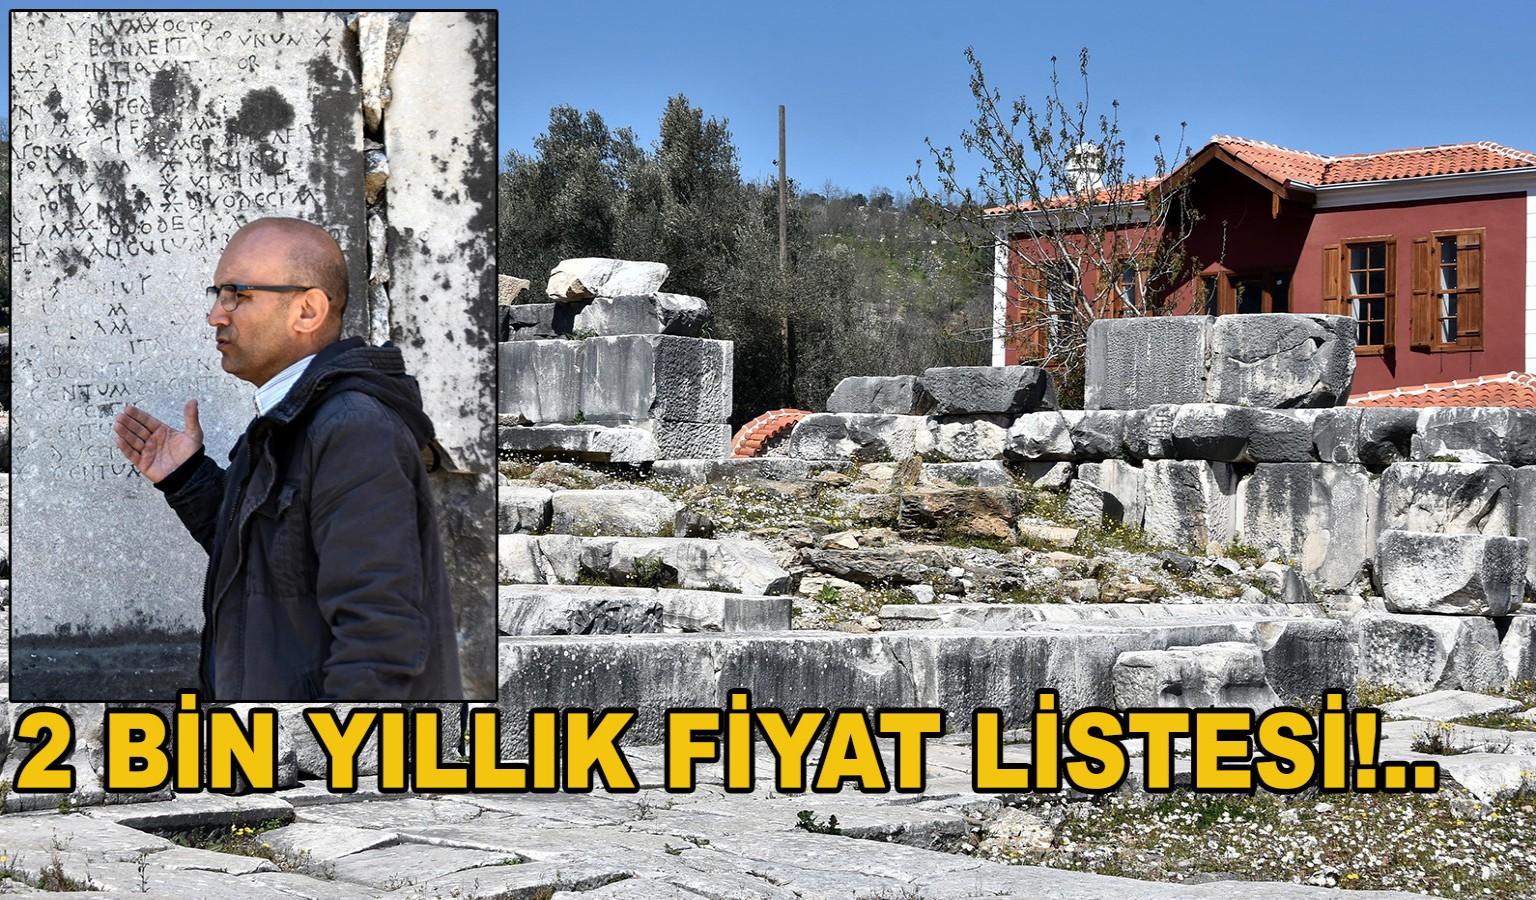 2 BİN YILLIK FİYAT LİSTESİ!..